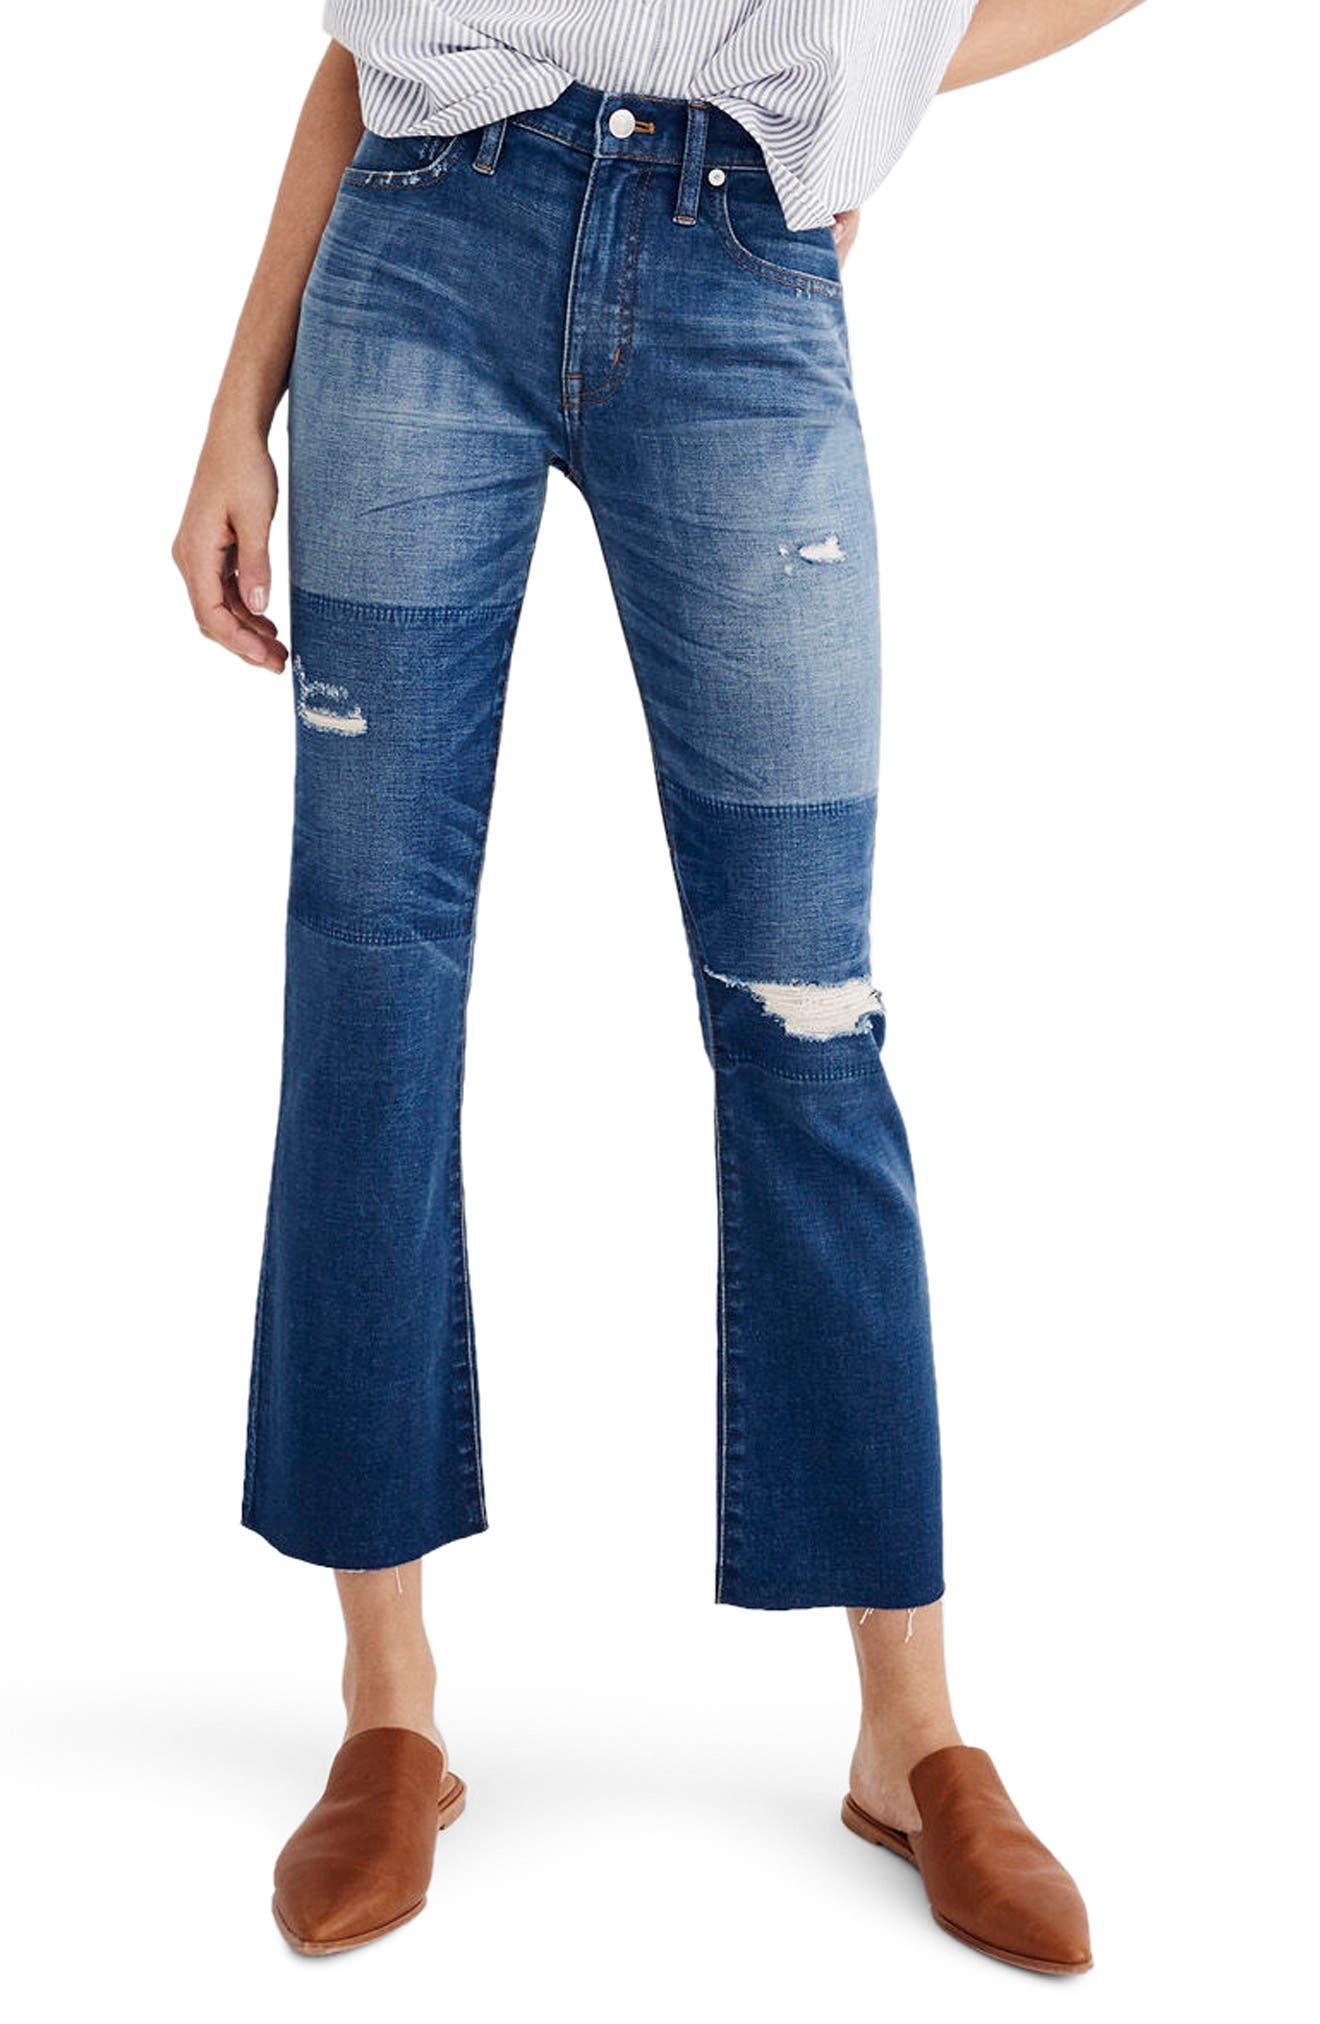 Madewell Cali Ripped Demi Bootleg Crop Jeans (Caleb Wash)